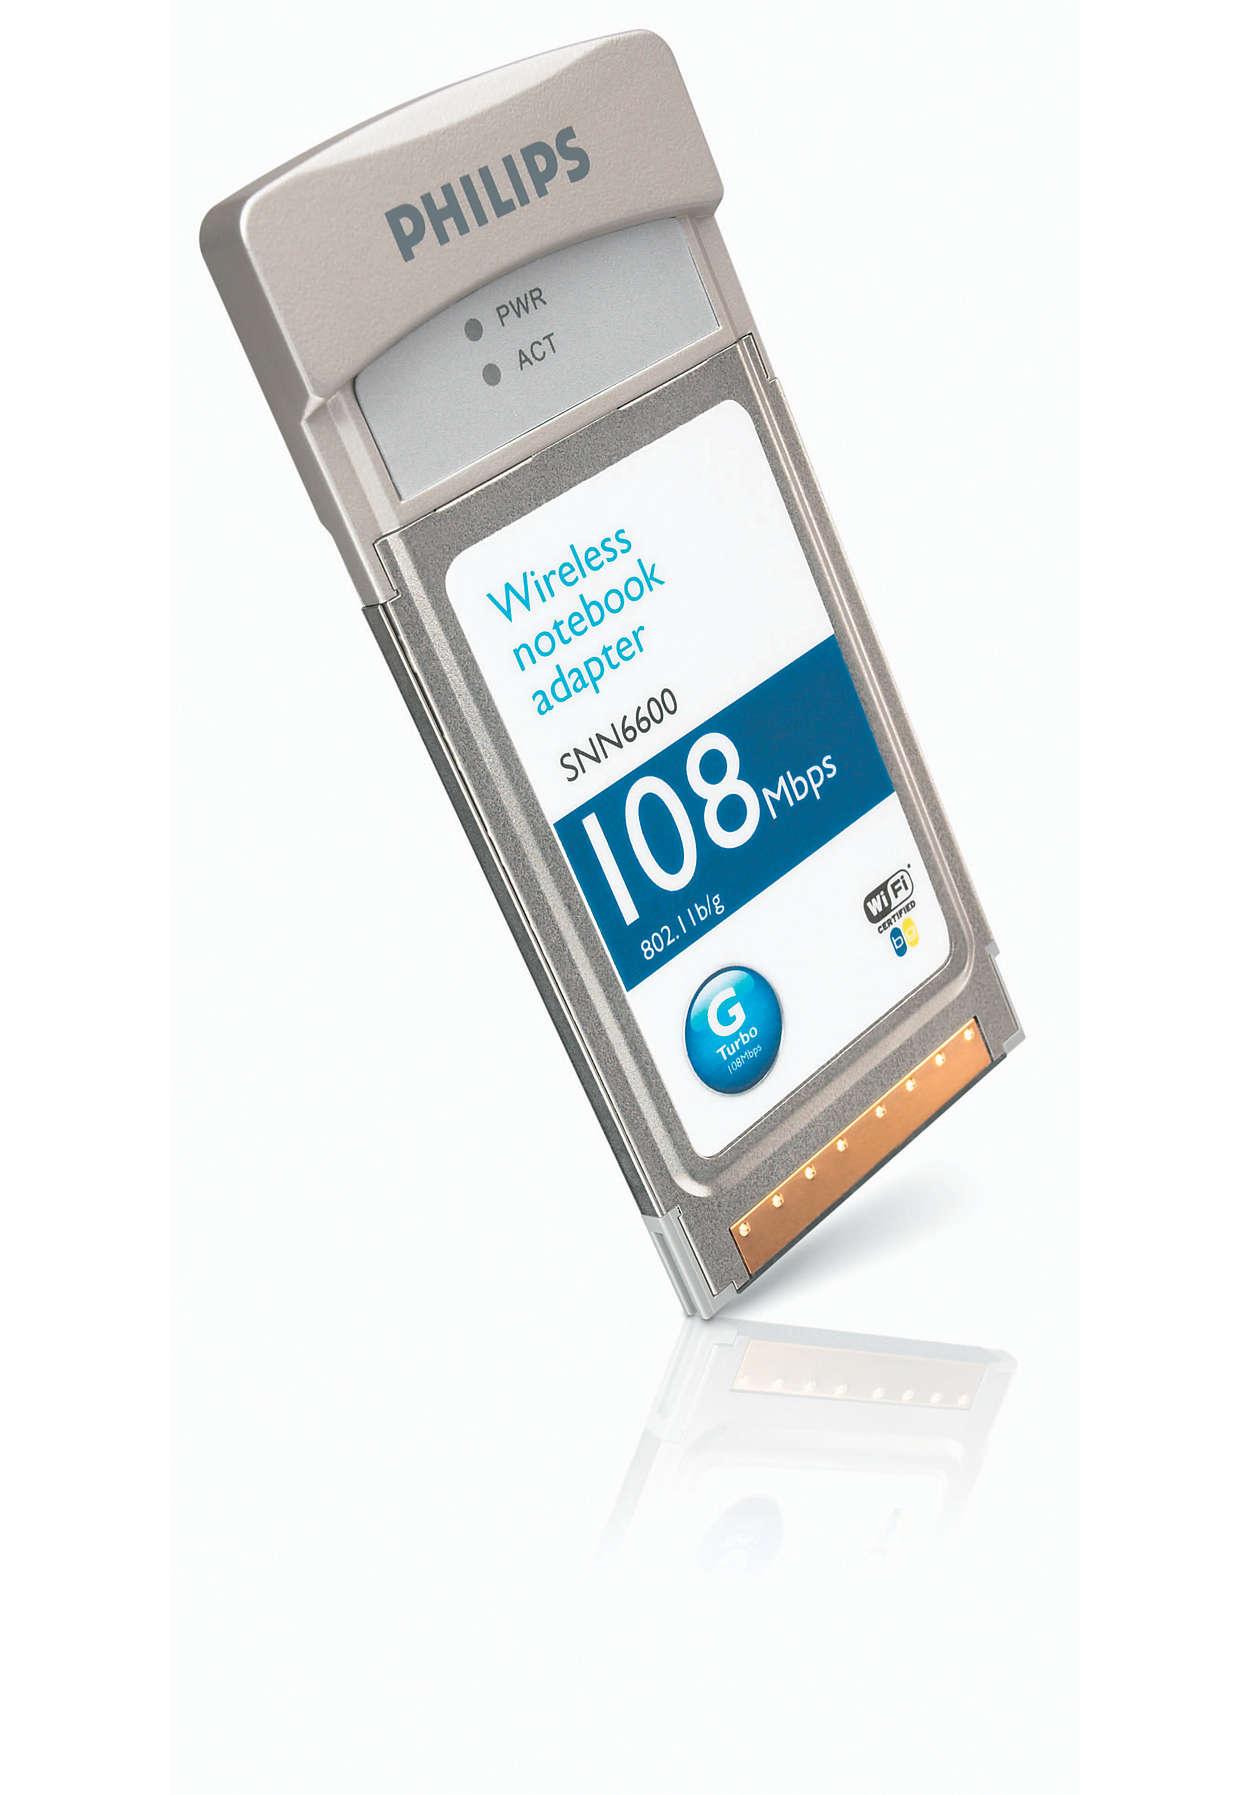 Draadloze notebookadapter